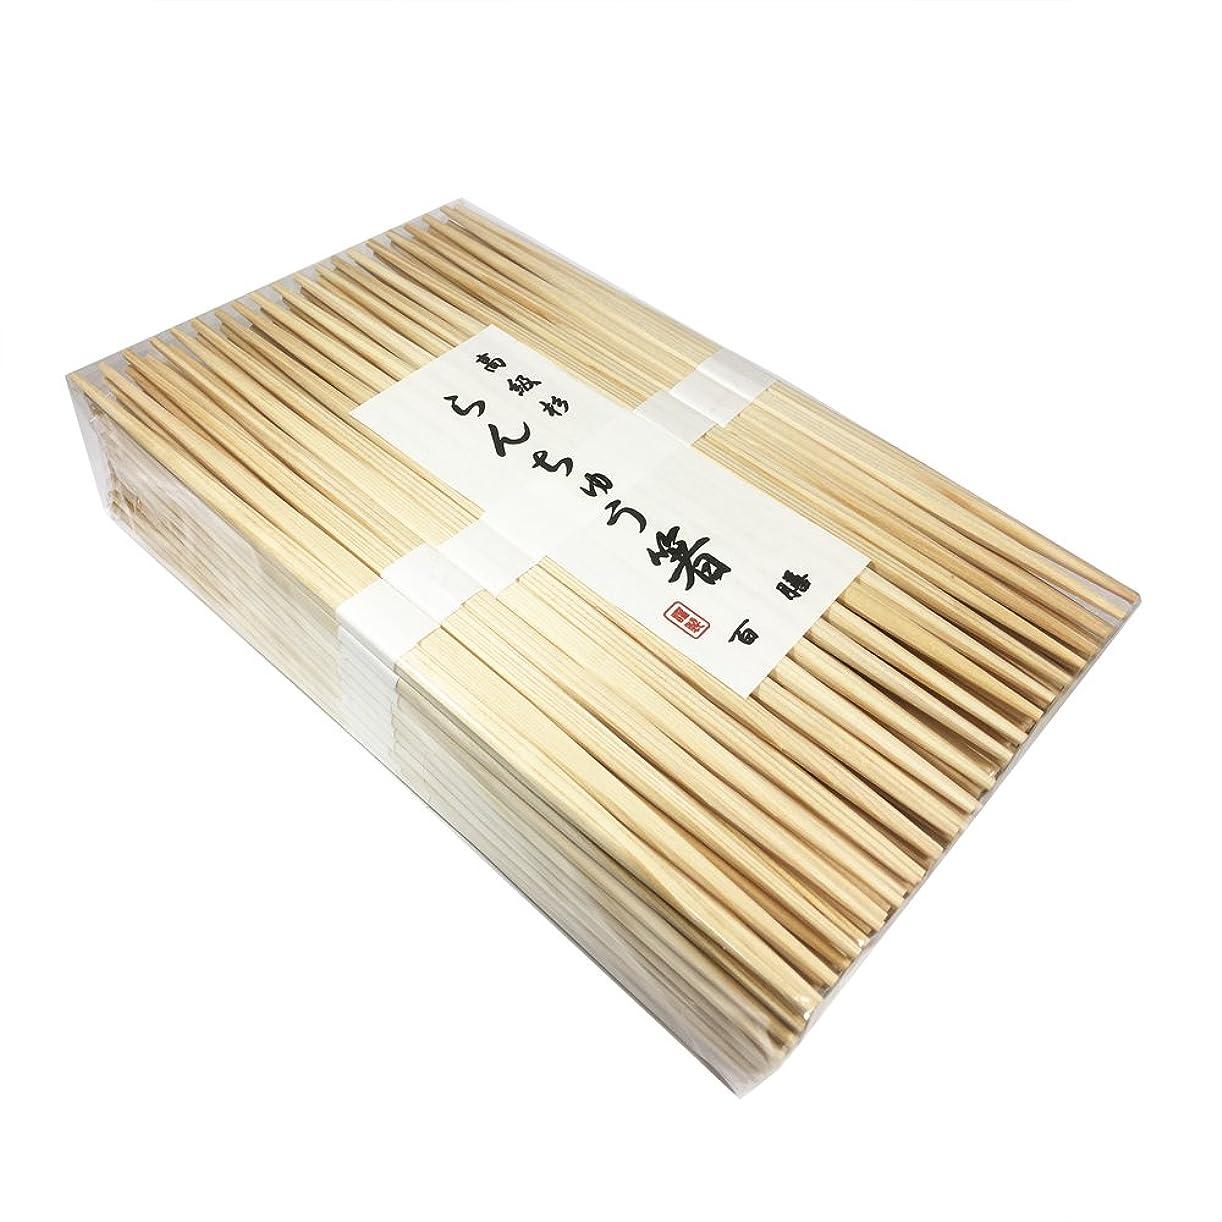 証明泳ぐ振る舞い高級吉野杉らんちゅう箸 雲竜和紙帯巻 100膳 af00009